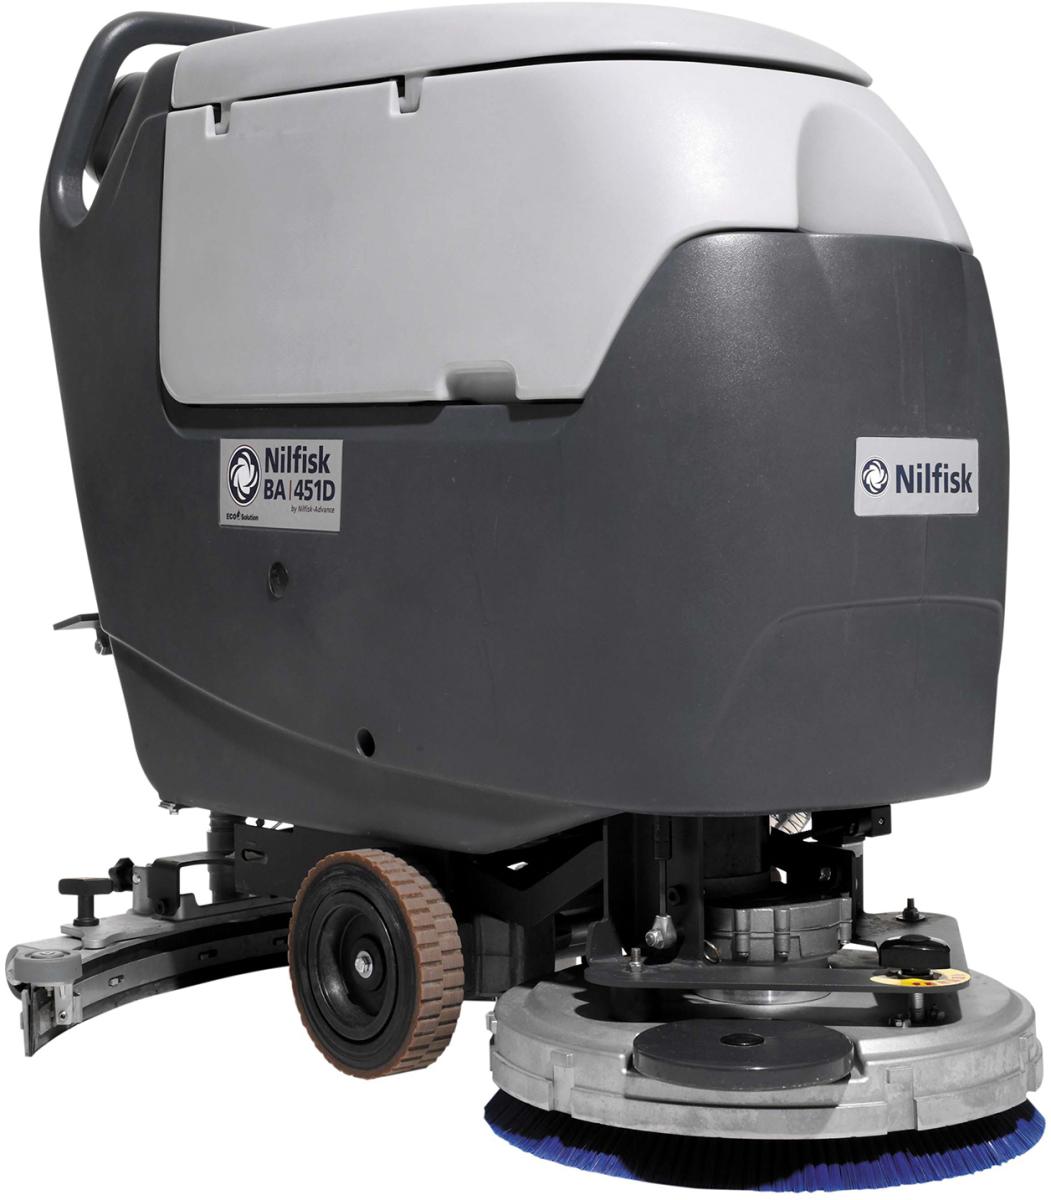 Nilfisk gulvvasker BA 451 D komplet - køb til fast lav pris - Lomax A/S